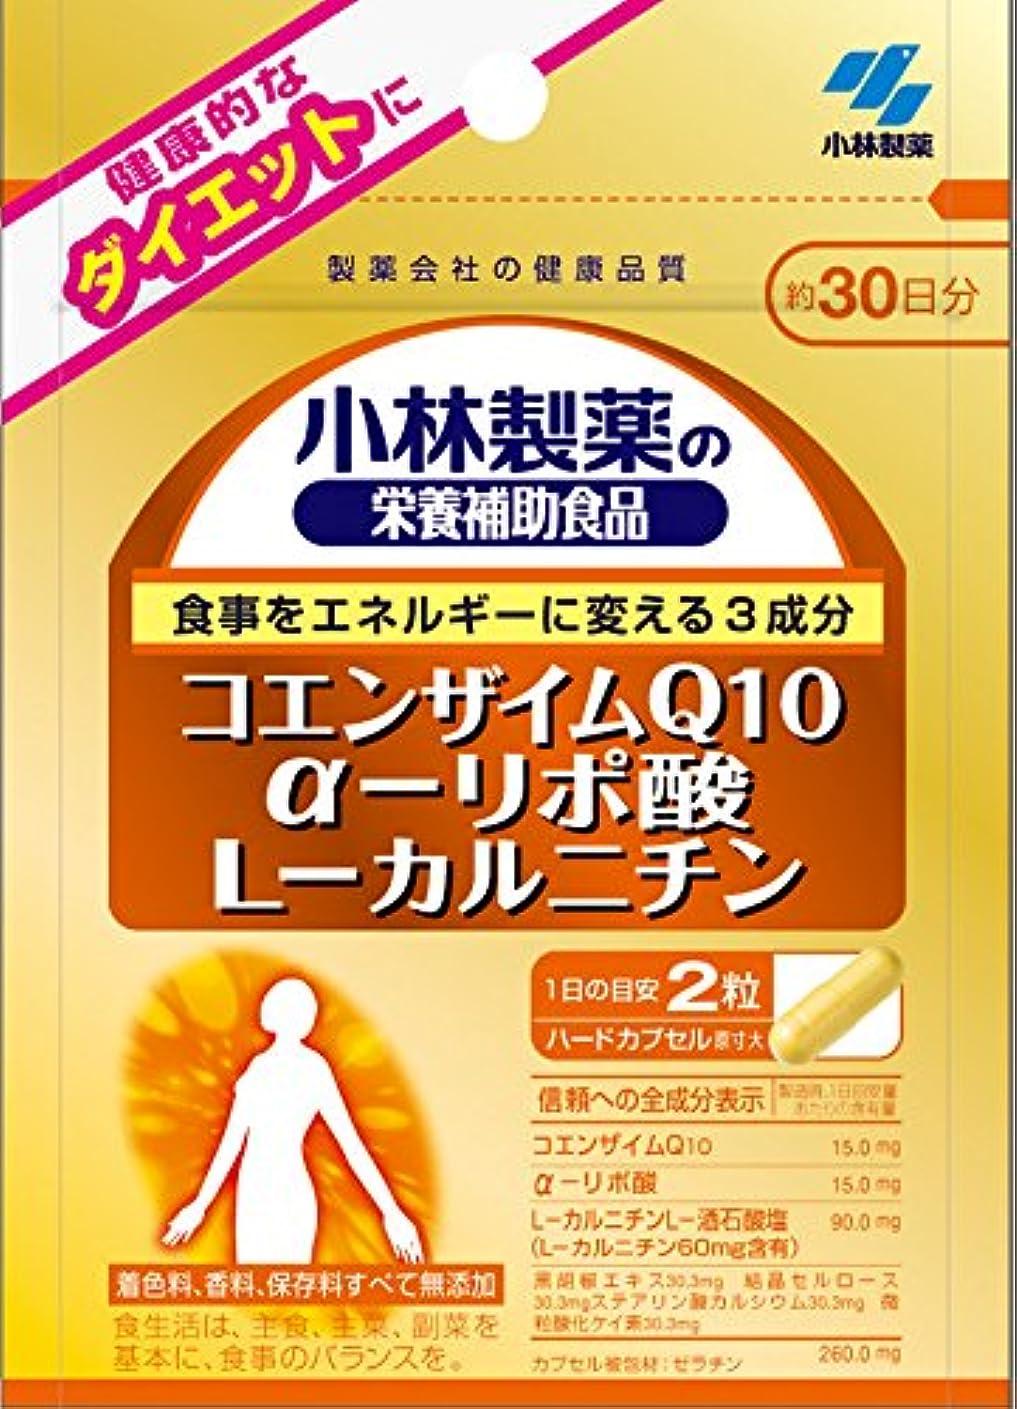 妻建物付属品小林製薬の栄養補助食品 コエンザイムQ10 α-リポ酸 L-カルニチン 約30日分 60粒